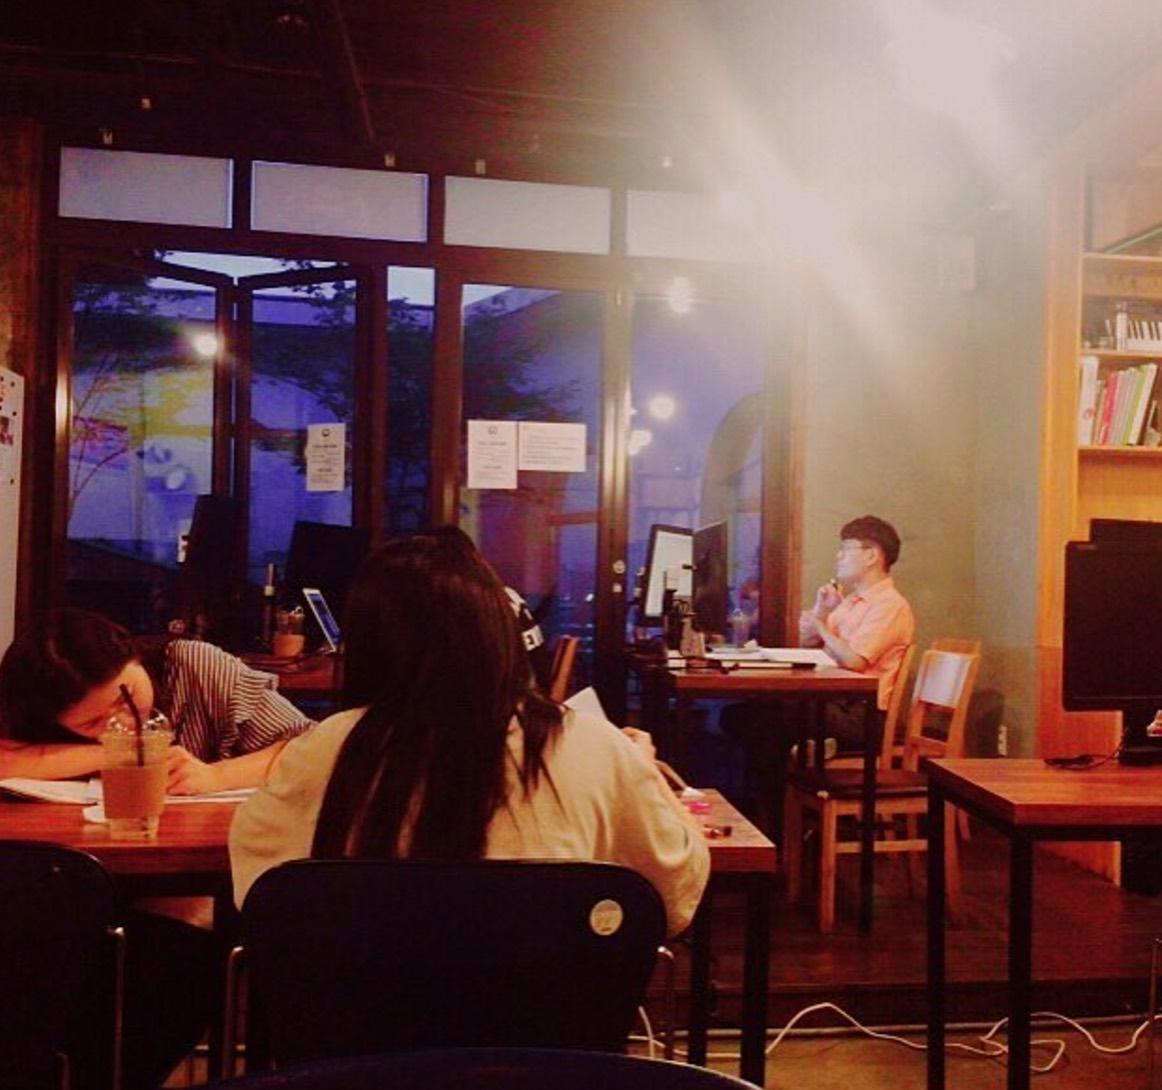 [코워킹스페이스] 재미있는 공간 서울시립대 근처에 있는 Do cafe